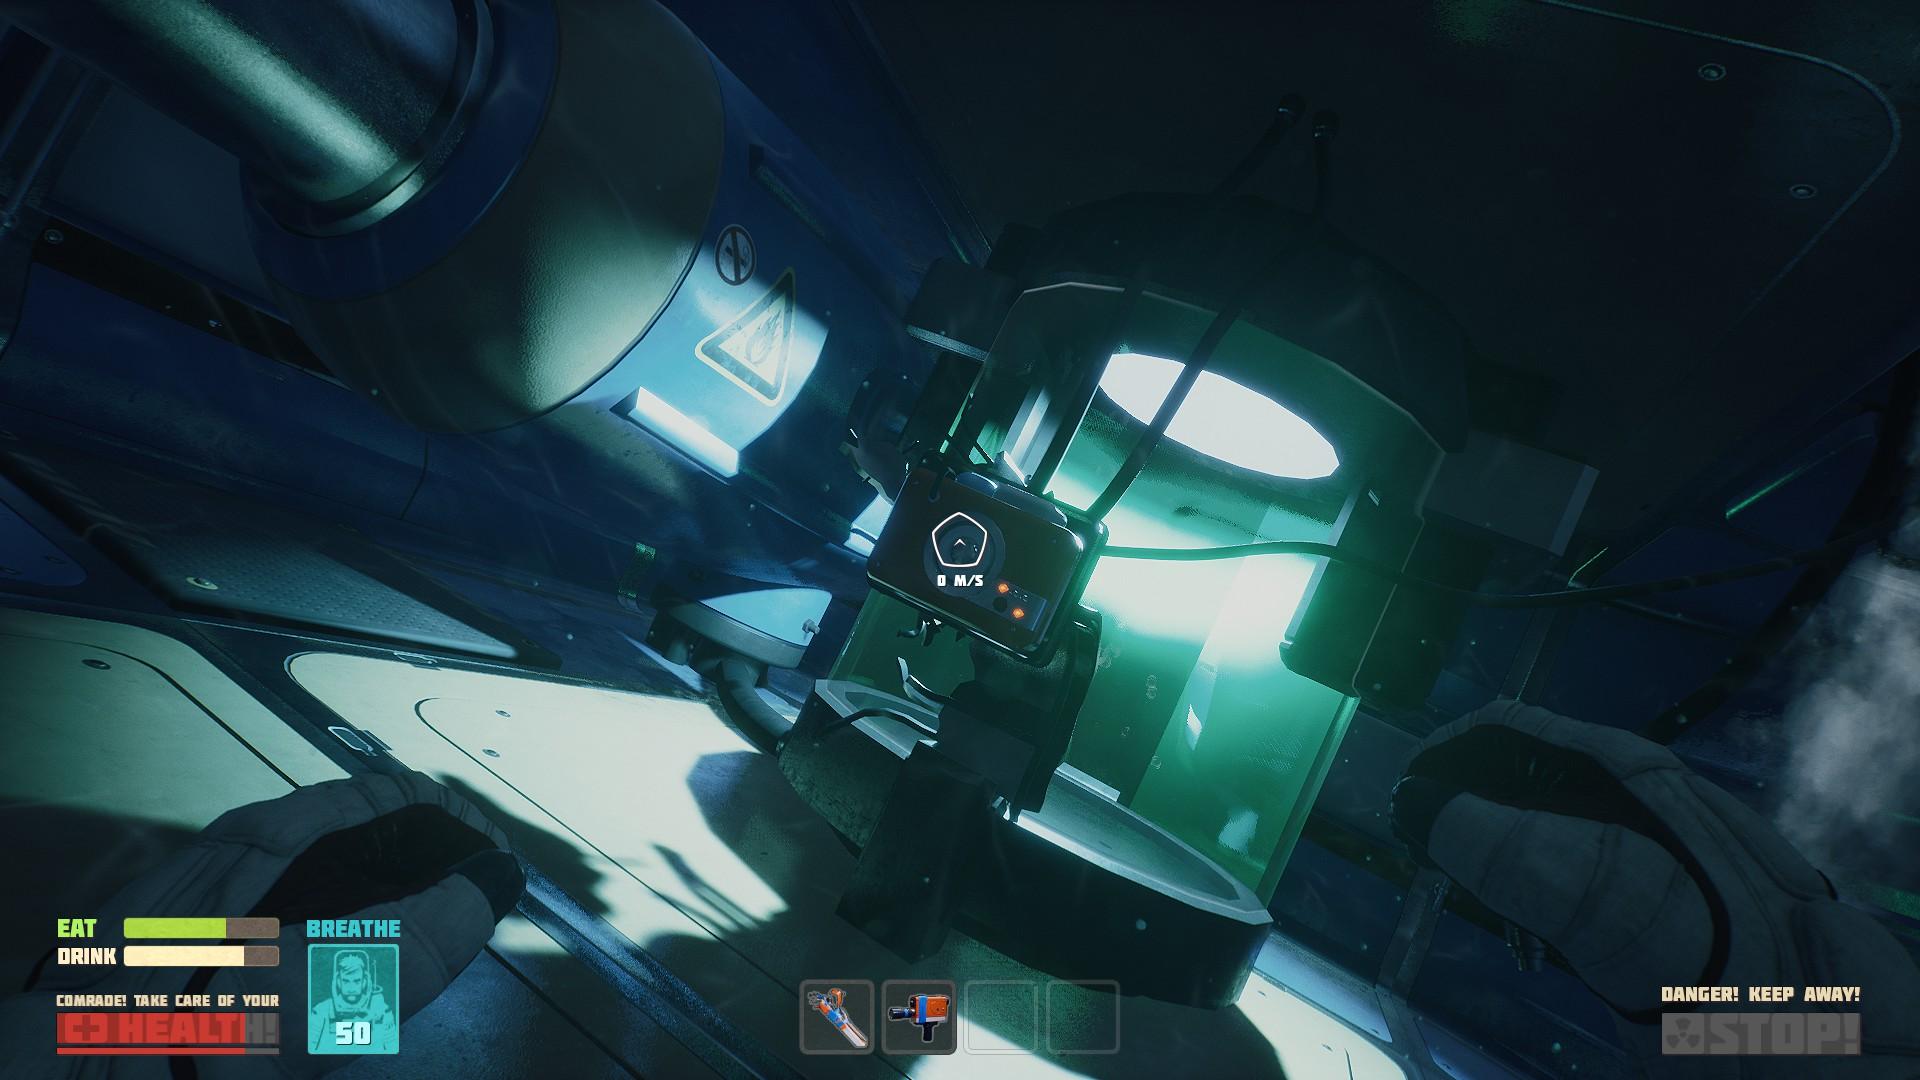 《呼吸边缘》上架Steam平台 在外太空深处活下来